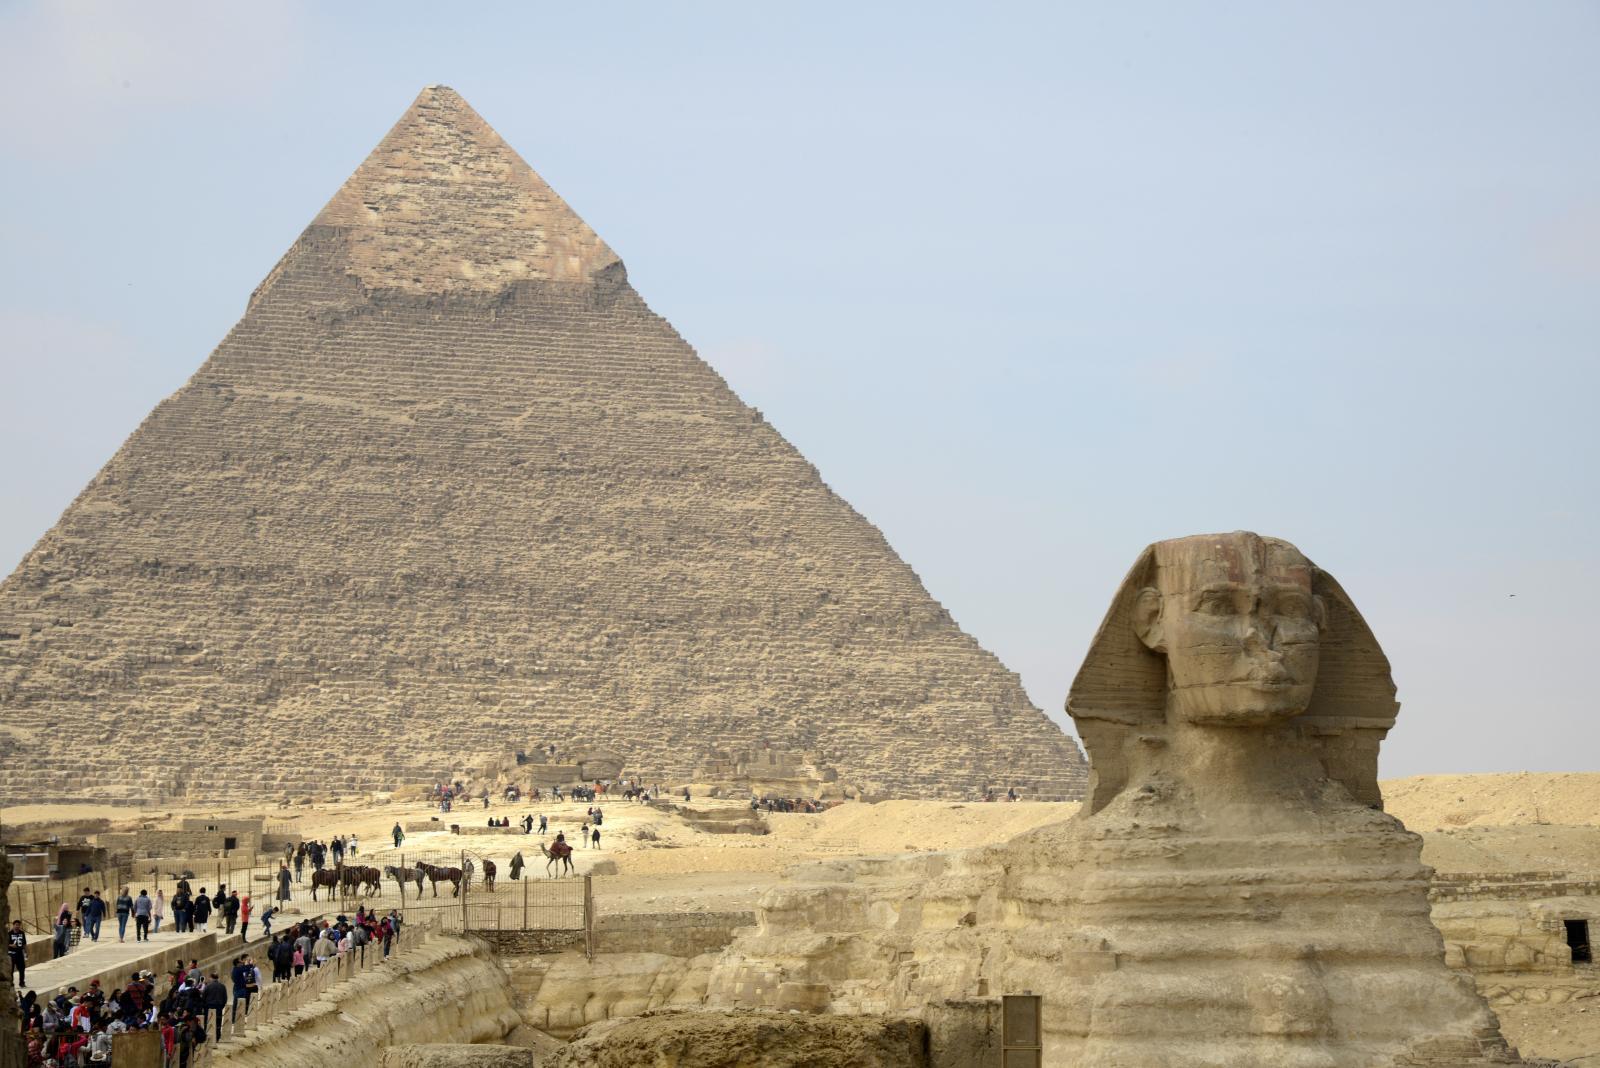 """อียิปต์โต้ """"อีลอน มัสก์'หลังทวิตชี้พีระมิดสร้างโดยเอเลียน"""